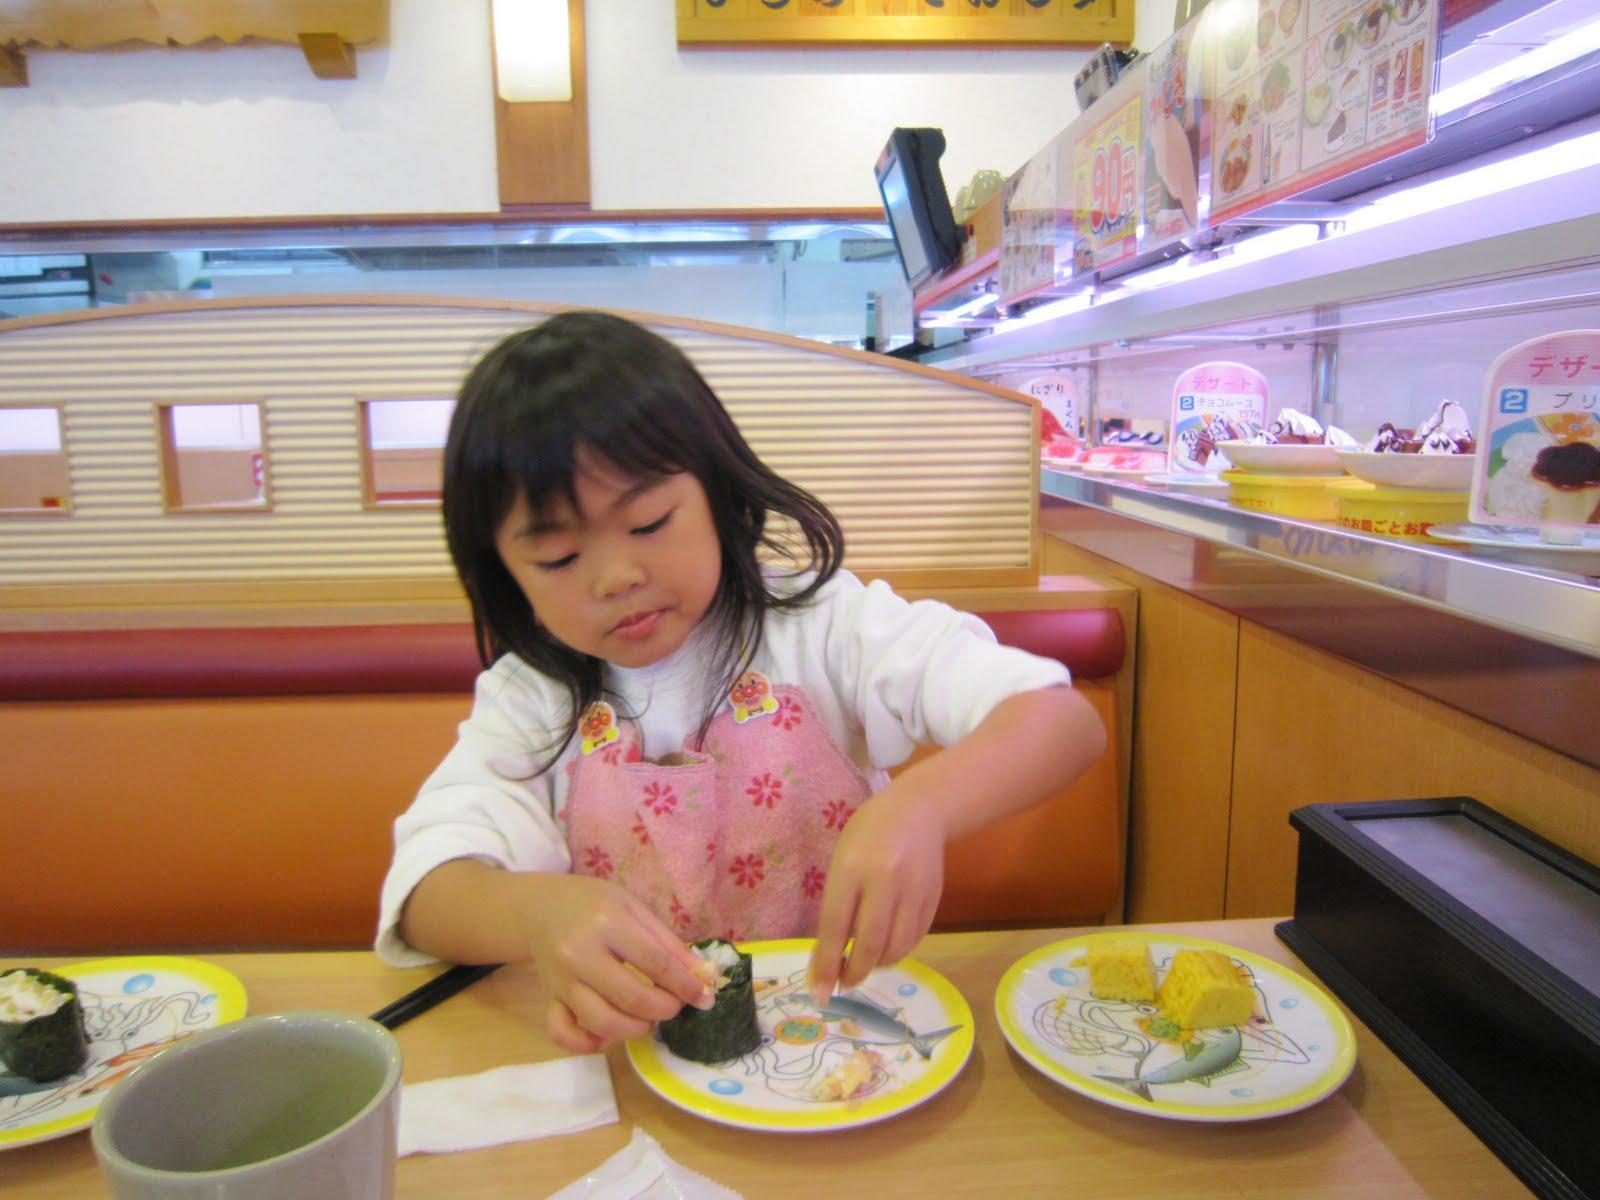 http://4.bp.blogspot.com/_AYarN_imko4/TM-jA2uzo9I/AAAAAAAAEyI/-QMWaISn-FM/s1600/IMG_2926.JPG